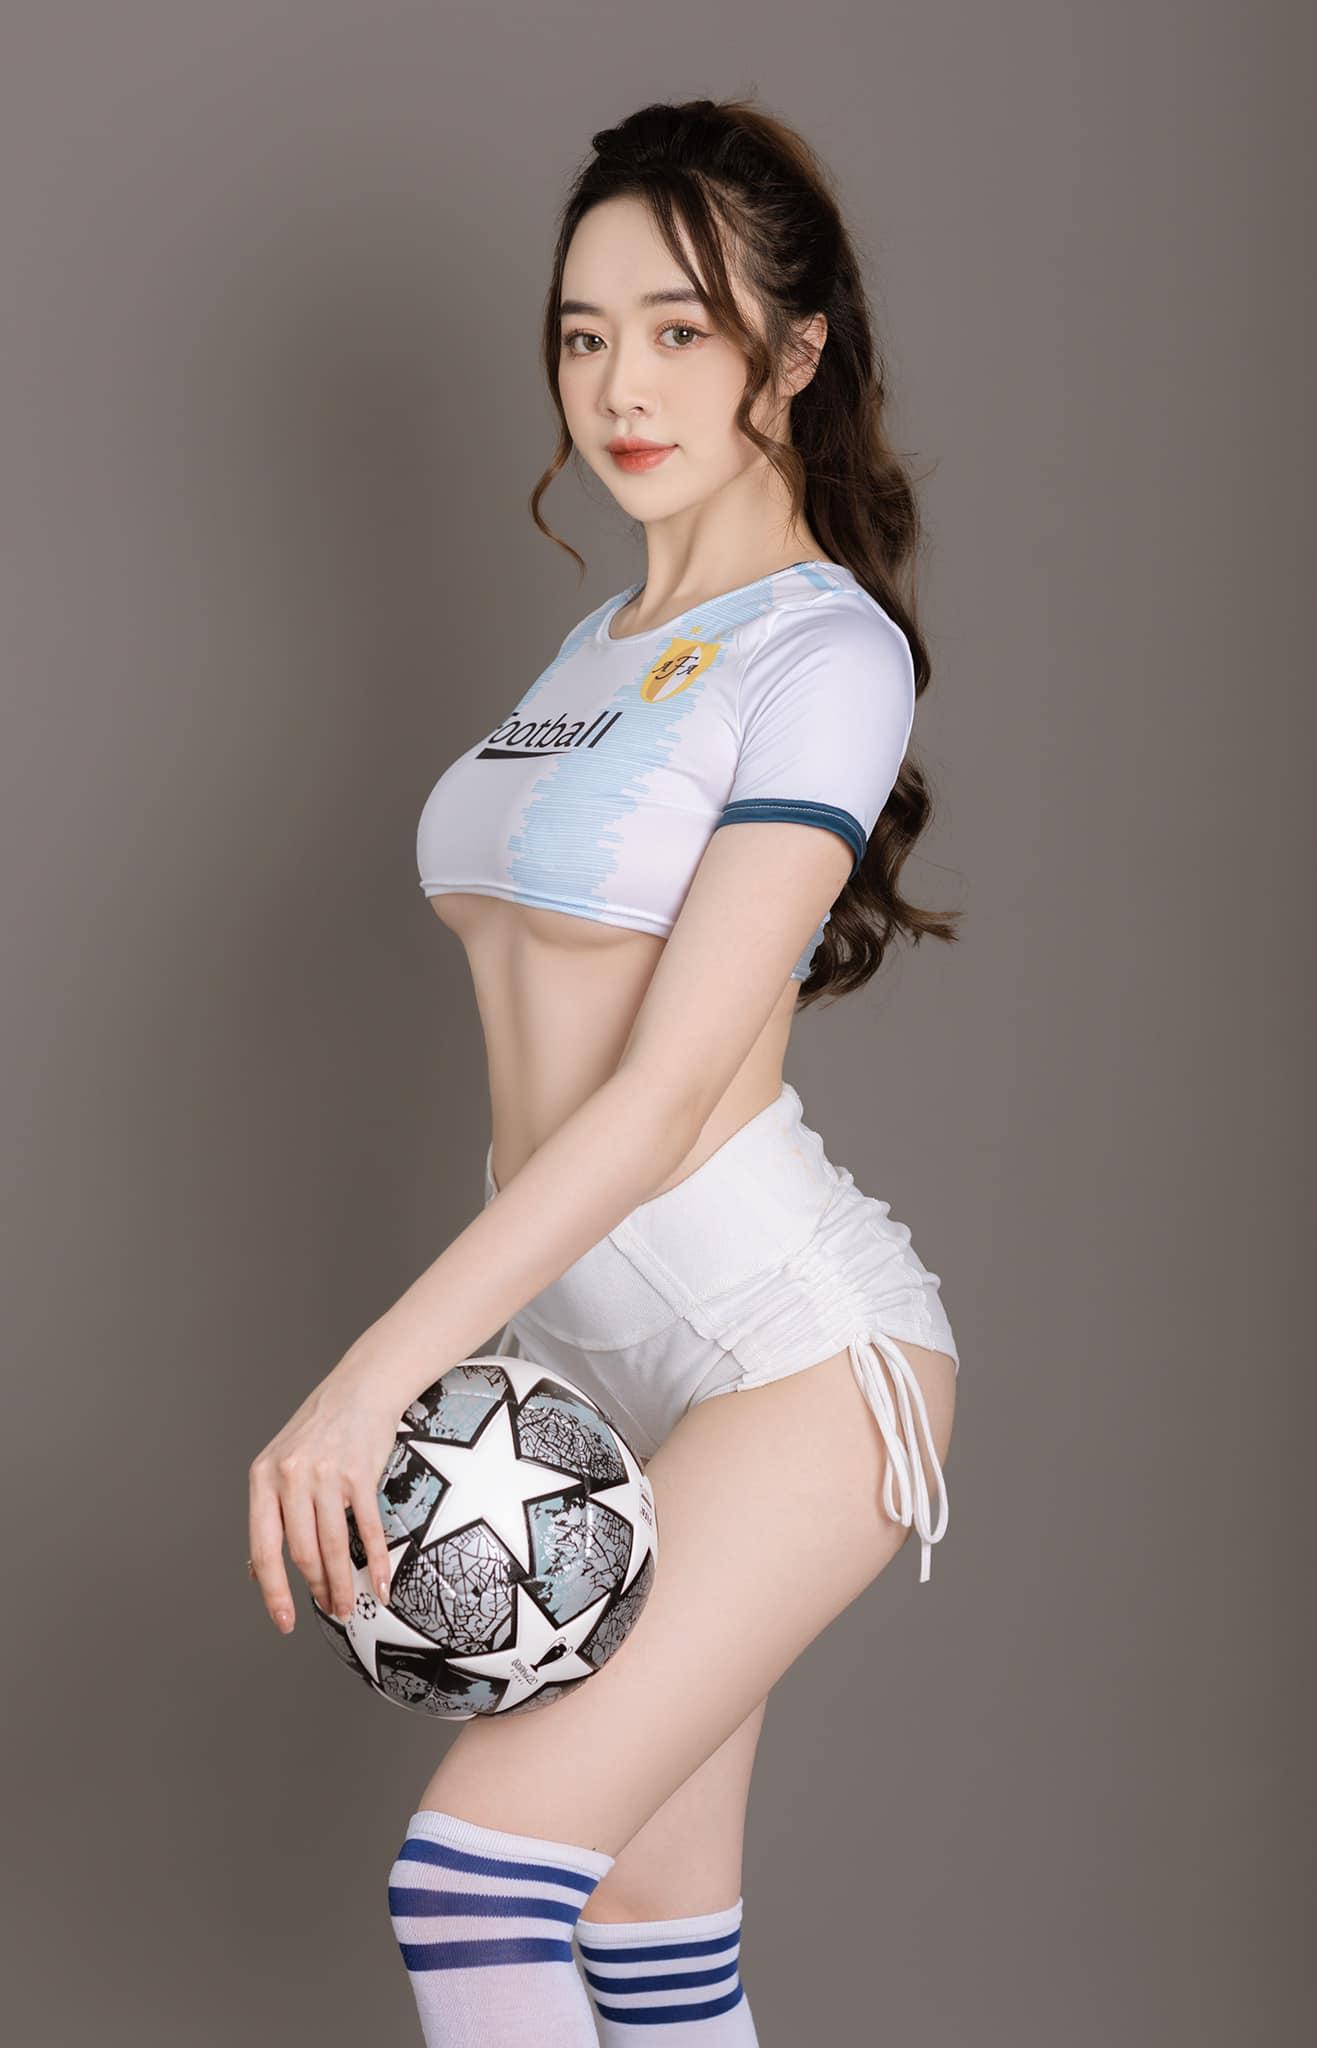 """Người mẫu Quảng Ninh mặc trang phục ủng hộ Euro """"gây sốt"""" - 1"""